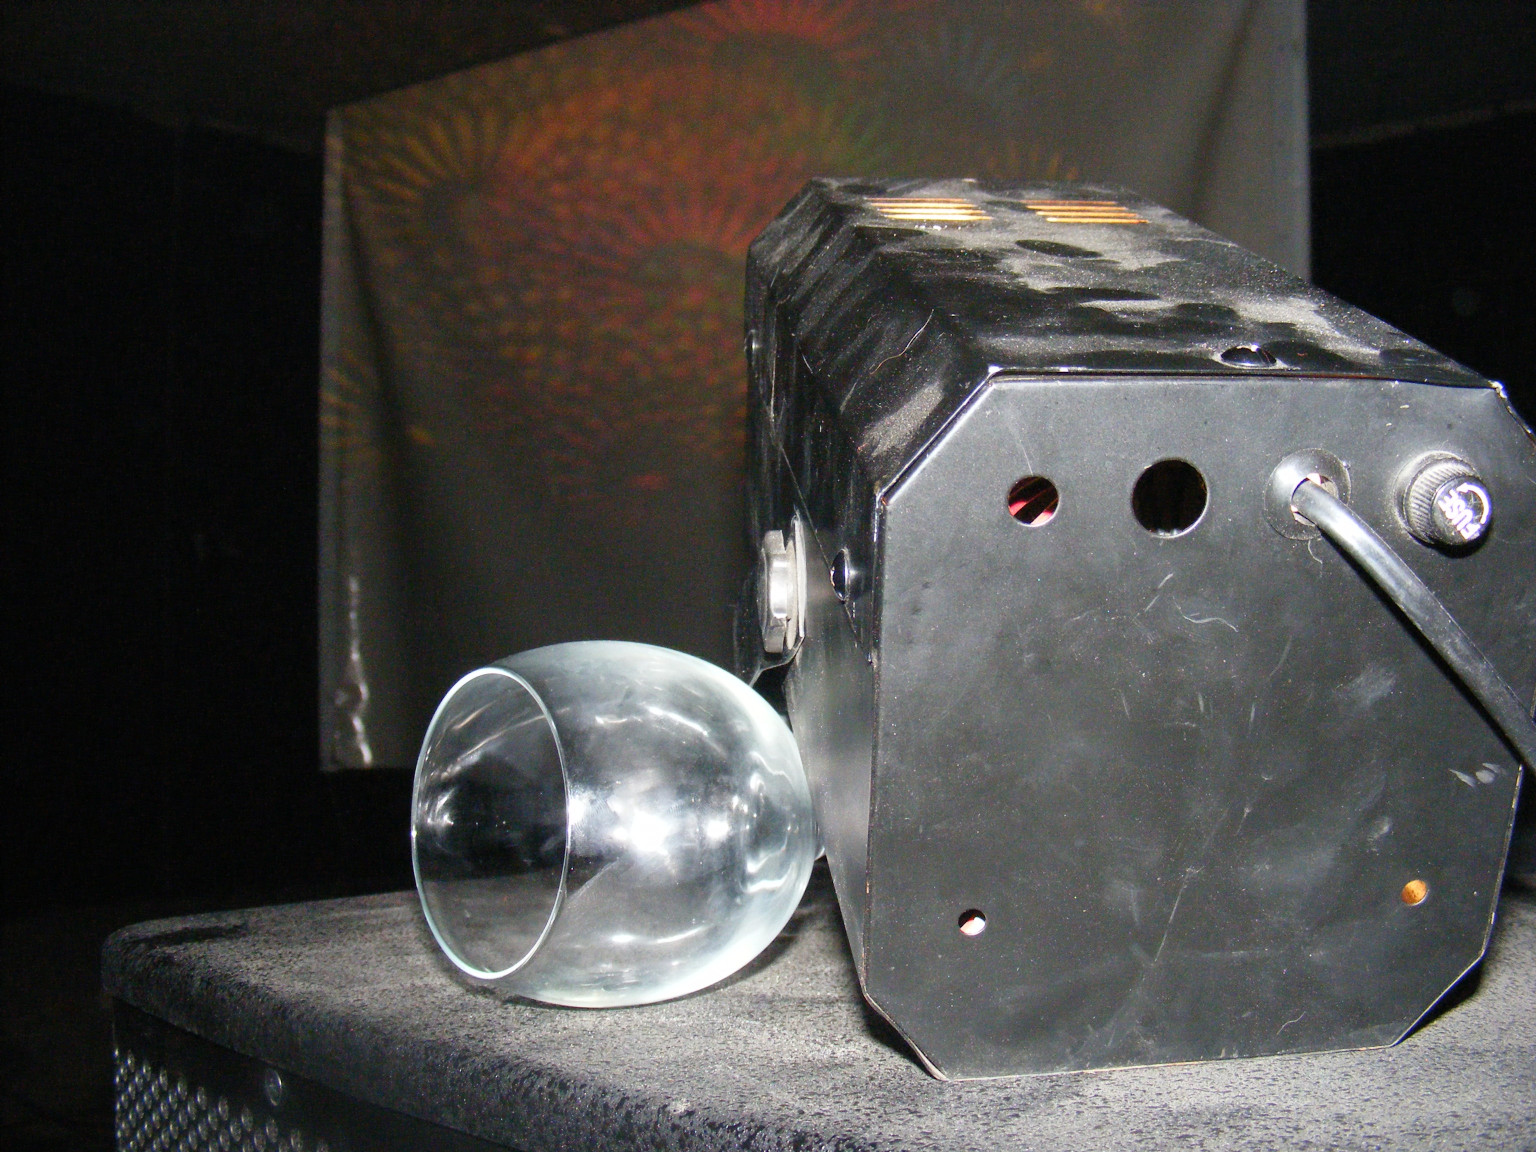 Sztroboszkóp, vagy micsoda spontán tartóállványa a Moszkvában